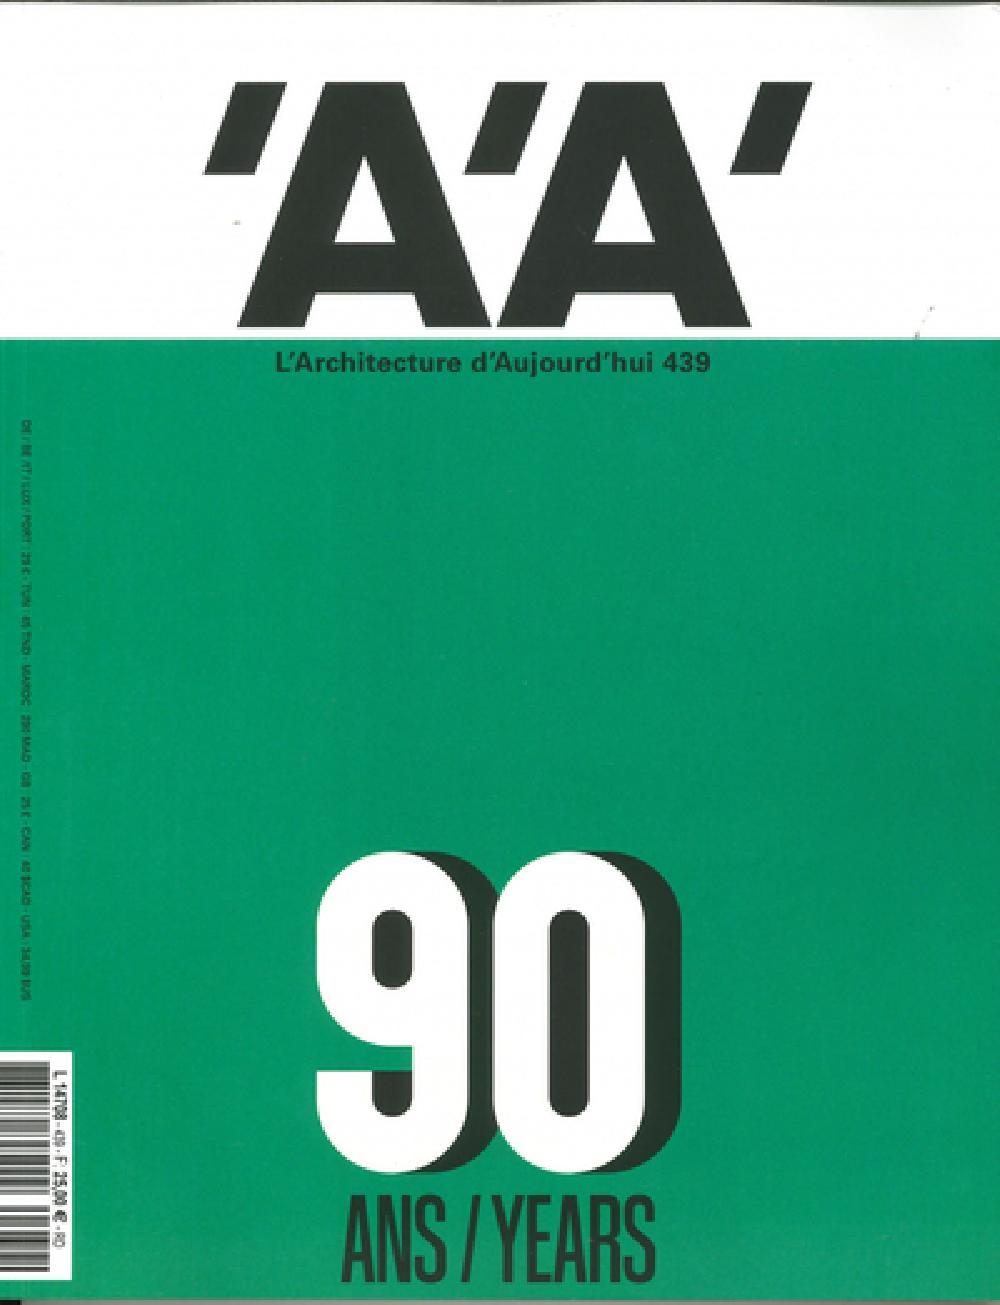 L'Architecture d'aujourd'hui n° 439 - AA et Paris, 90 ans de projets - Novembre 2020